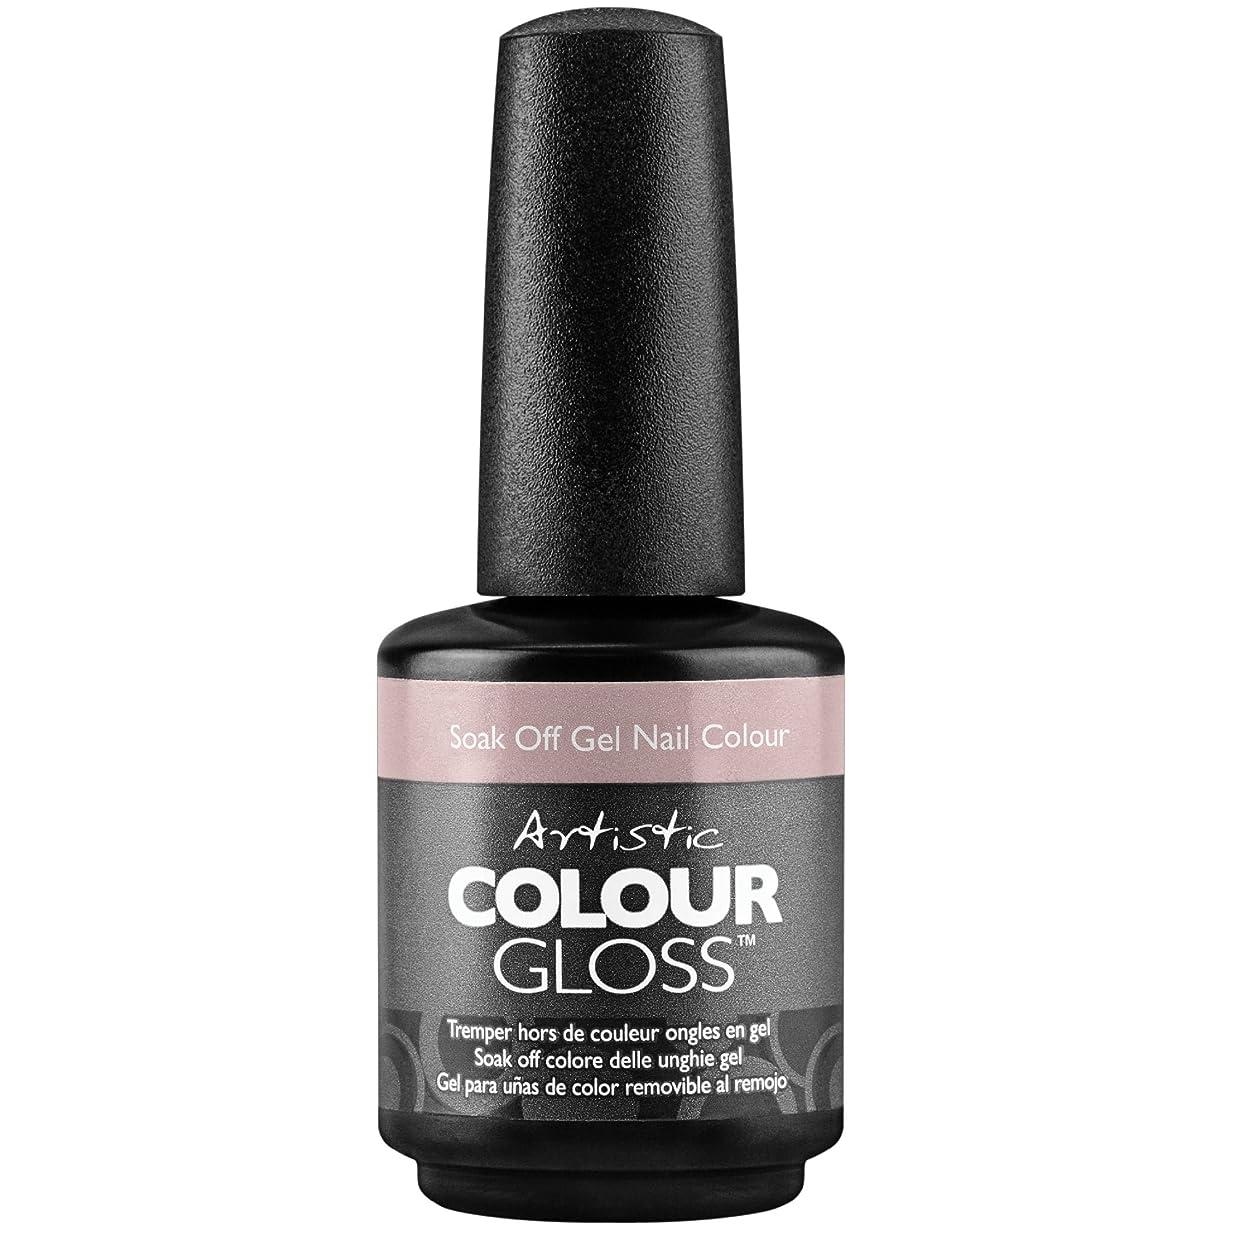 フィラデルフィア熱インカ帝国Artistic Colour Gloss - Mud, Sweat, & Tears Collection - In My Zone - 15 mL / 0.5 oz